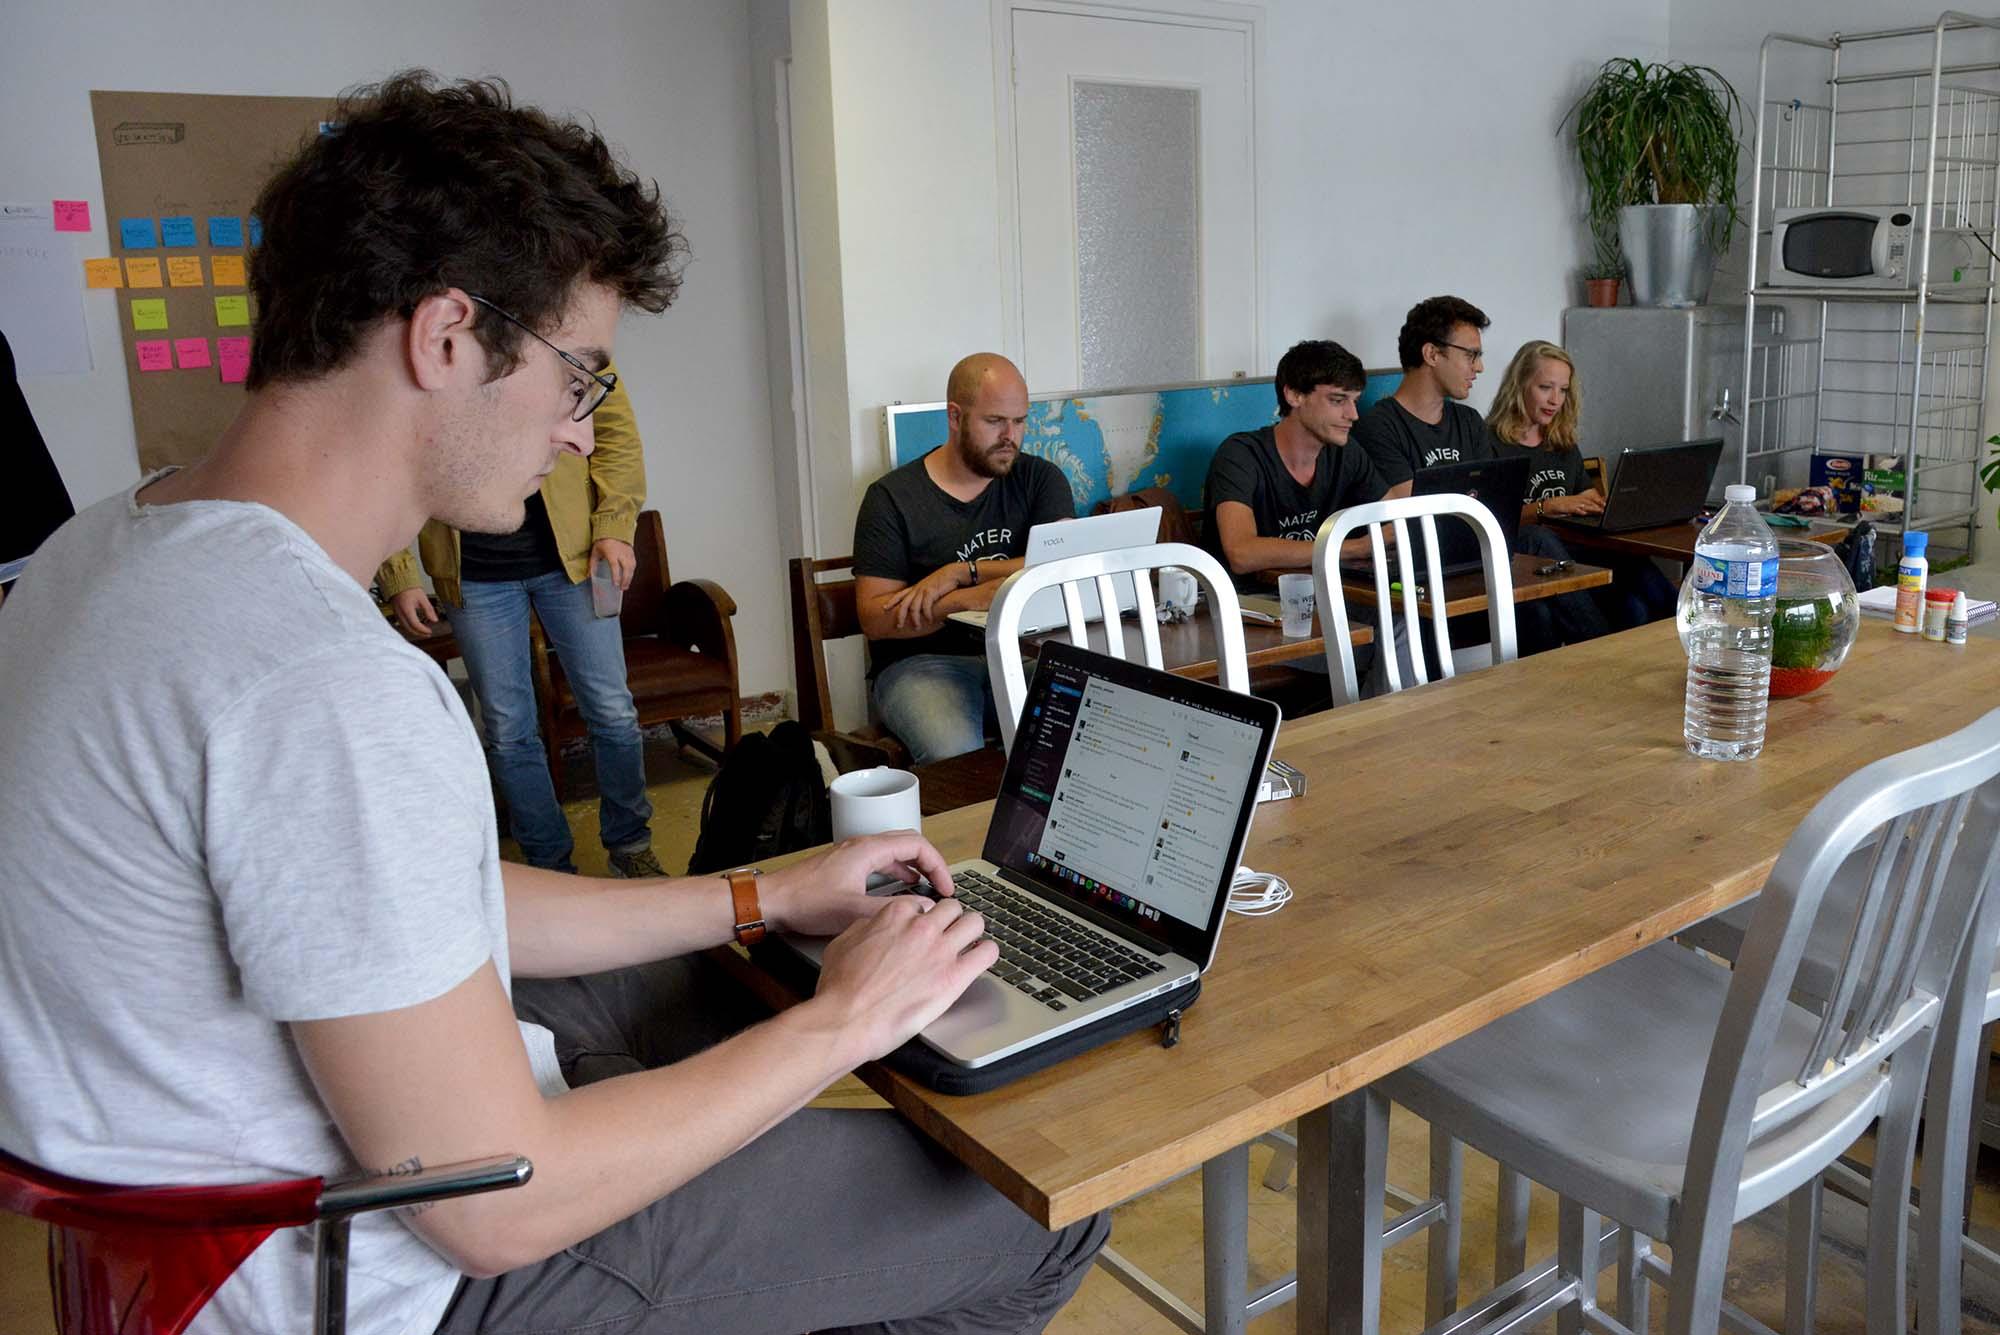 """Dans l'espace commun dit """"mess room"""", de jeunes créateurs d'entreprise se concentrent sur leurs projets. (©Ville de Saint-Nazaire - Christian Robert)"""